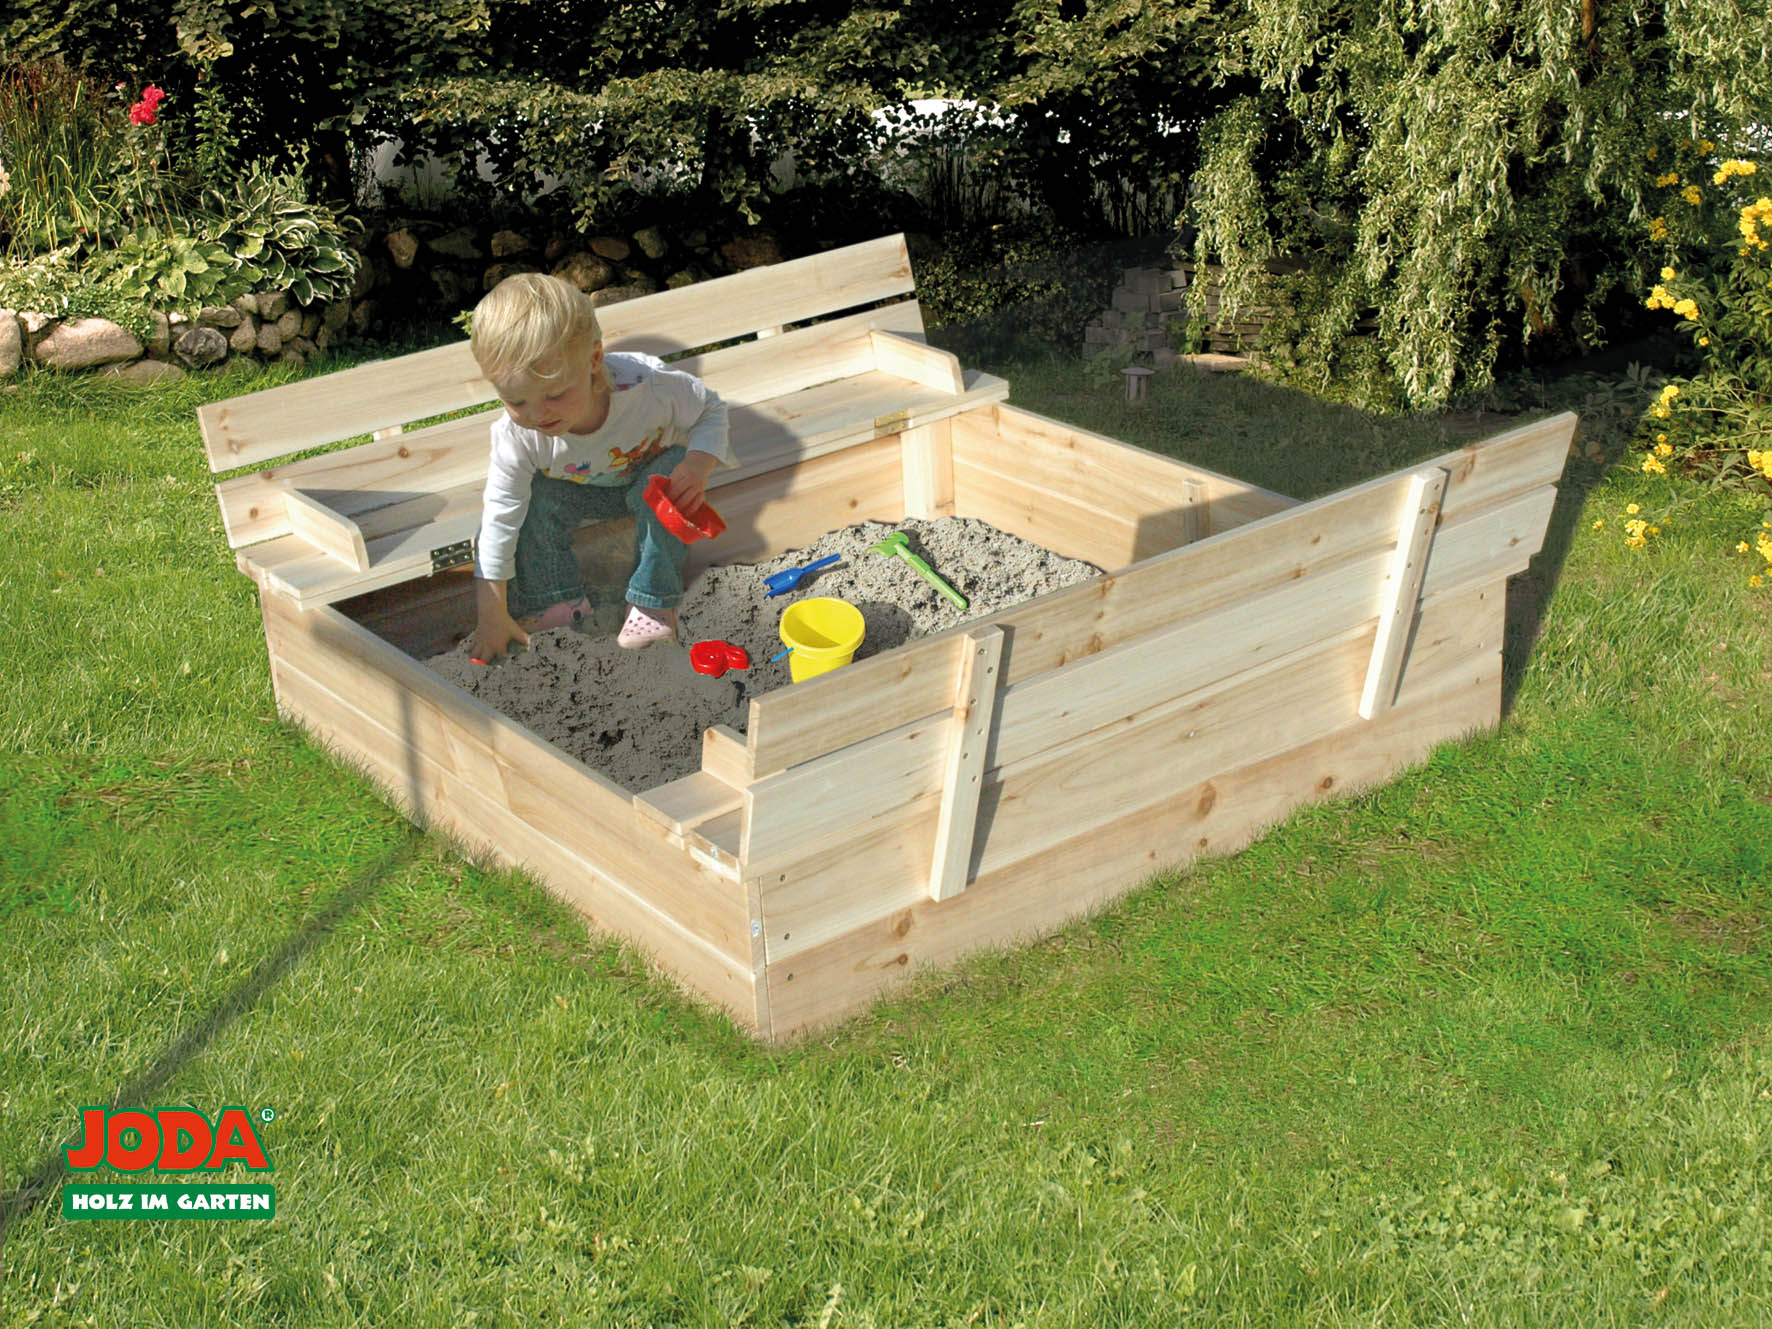 sandkasten mit abdeckung lukas 1 24 x 1 24 m zedernholz sandkiste sandbox holz ebay. Black Bedroom Furniture Sets. Home Design Ideas